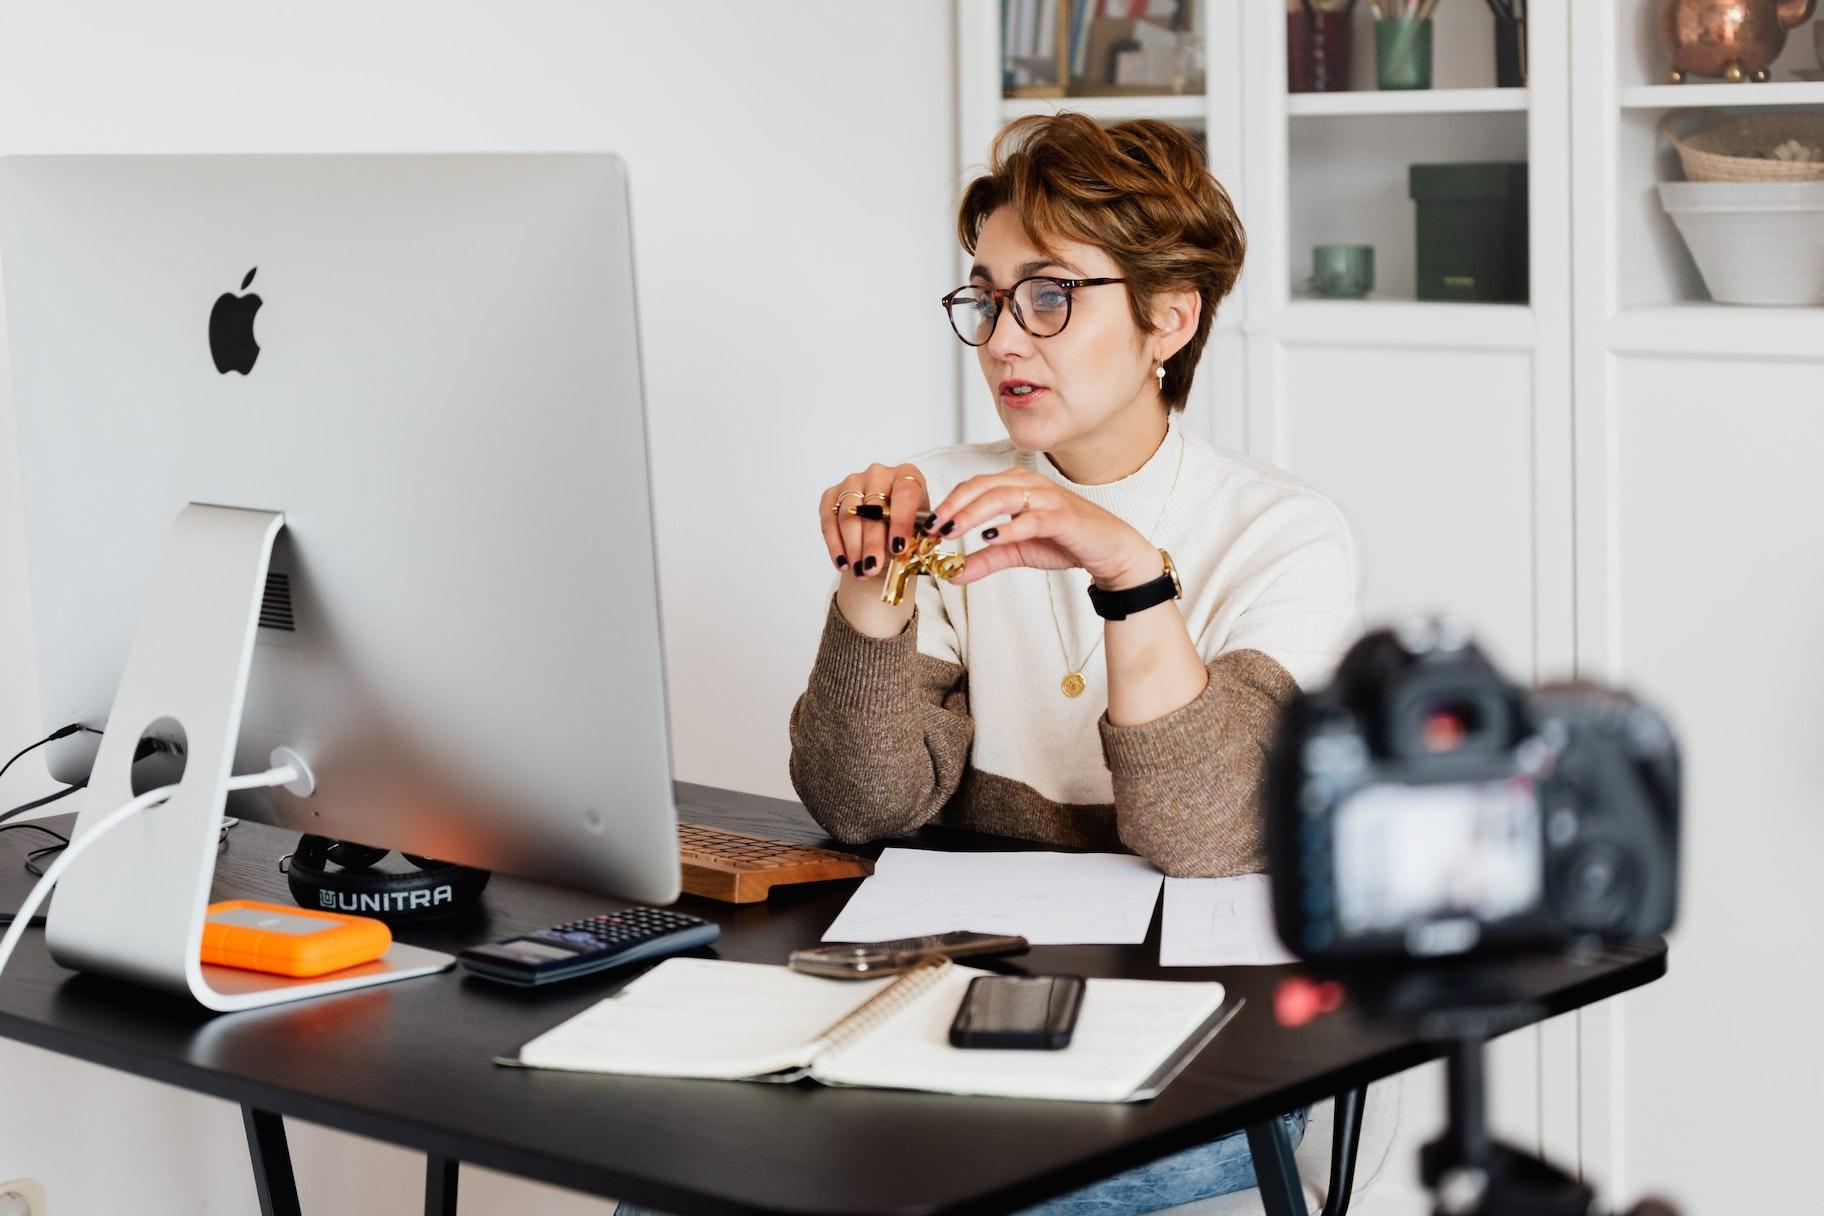 Mitos e verdades sobre o mercado de infoprodutos: mulher em curso online